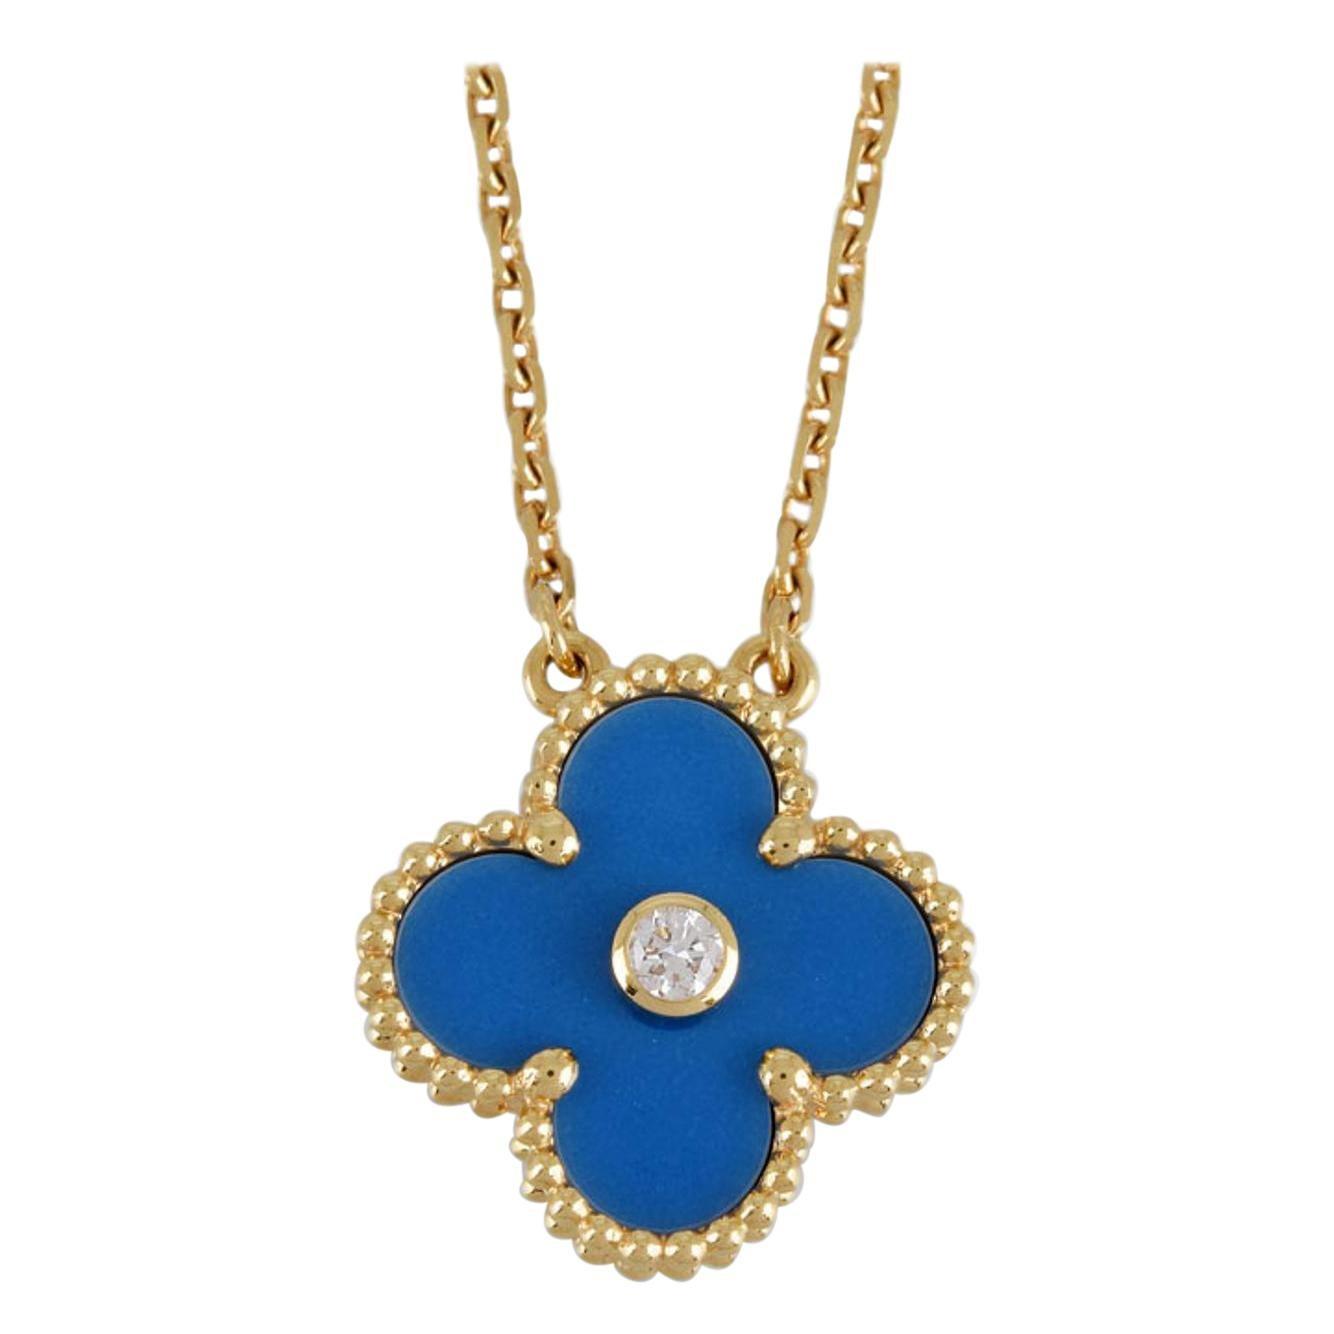 Van Cleef & Arpels Diamond Sèvres Porcelain Limited Edition Alhambra Necklace